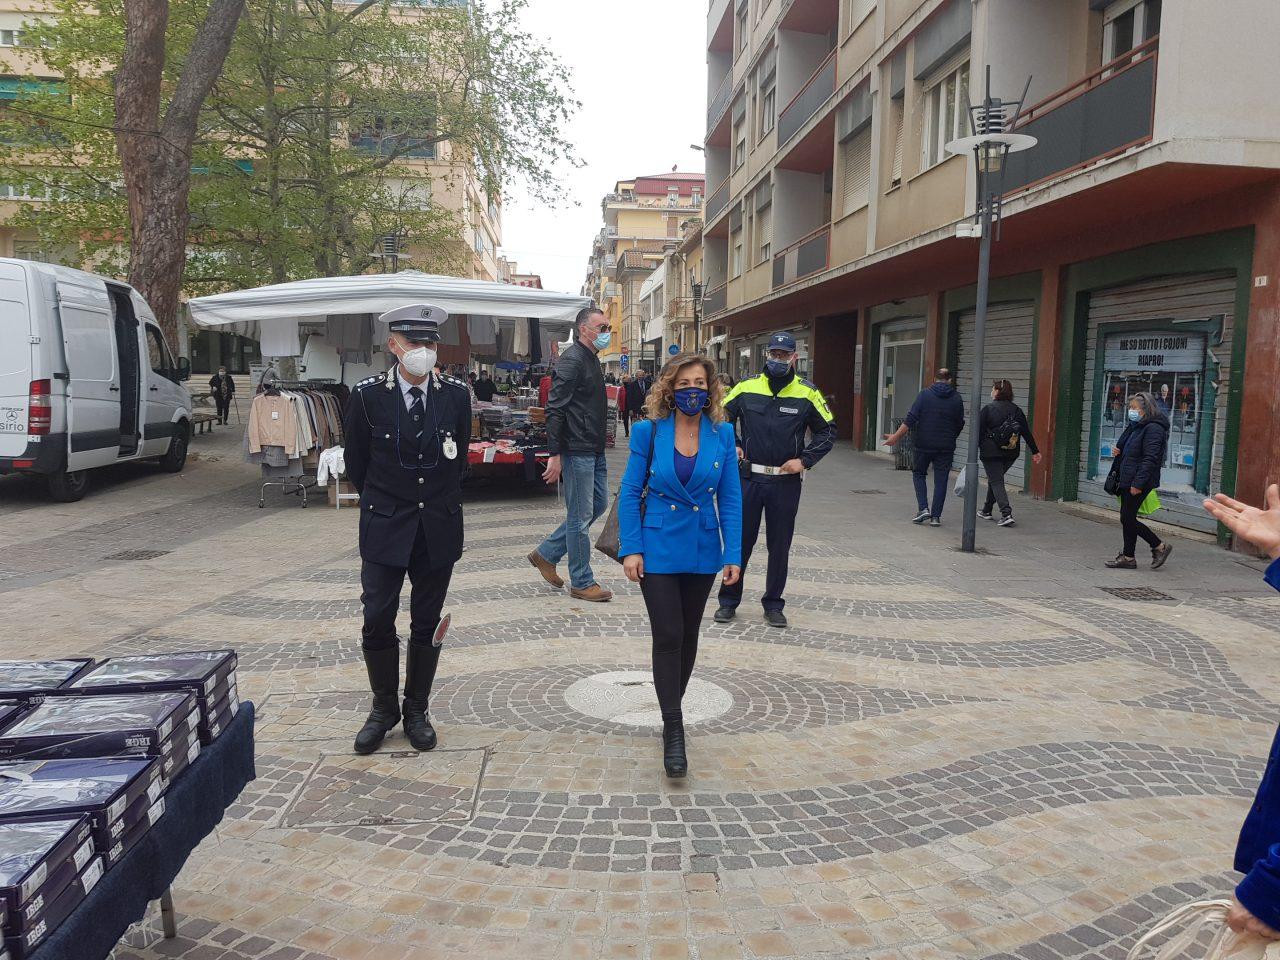 alconara mercato controlli polizia e sindaco signorini